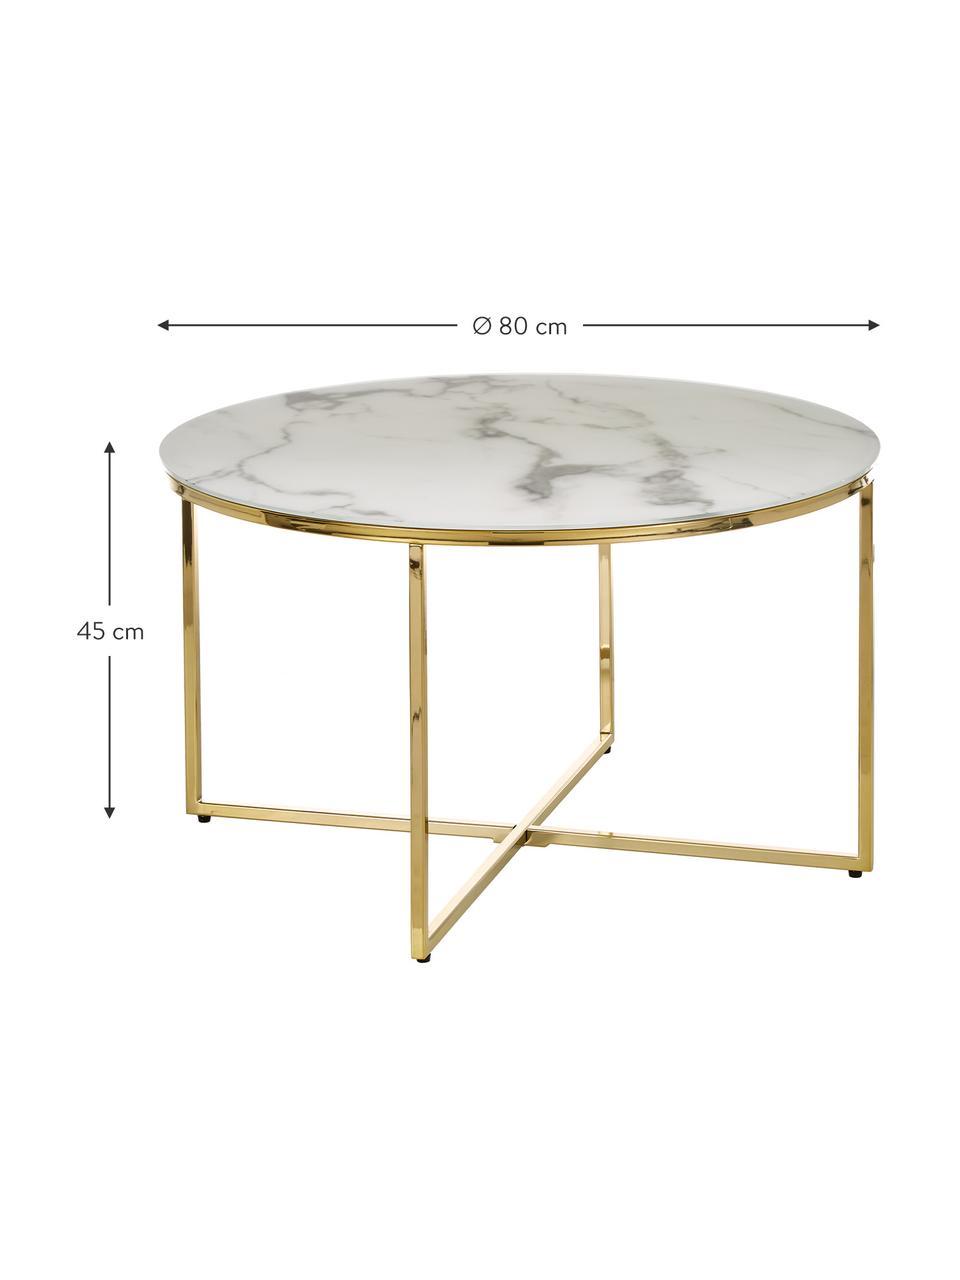 Salontafel Antigua met glazen tafelblad met marmerlook, Tafelblad: mat bedrukt glas, Frame: vermessingd metaal, Tafelblad: gemarmerd wit. Frame: messingkleurig, Ø 80 x H 45 cm